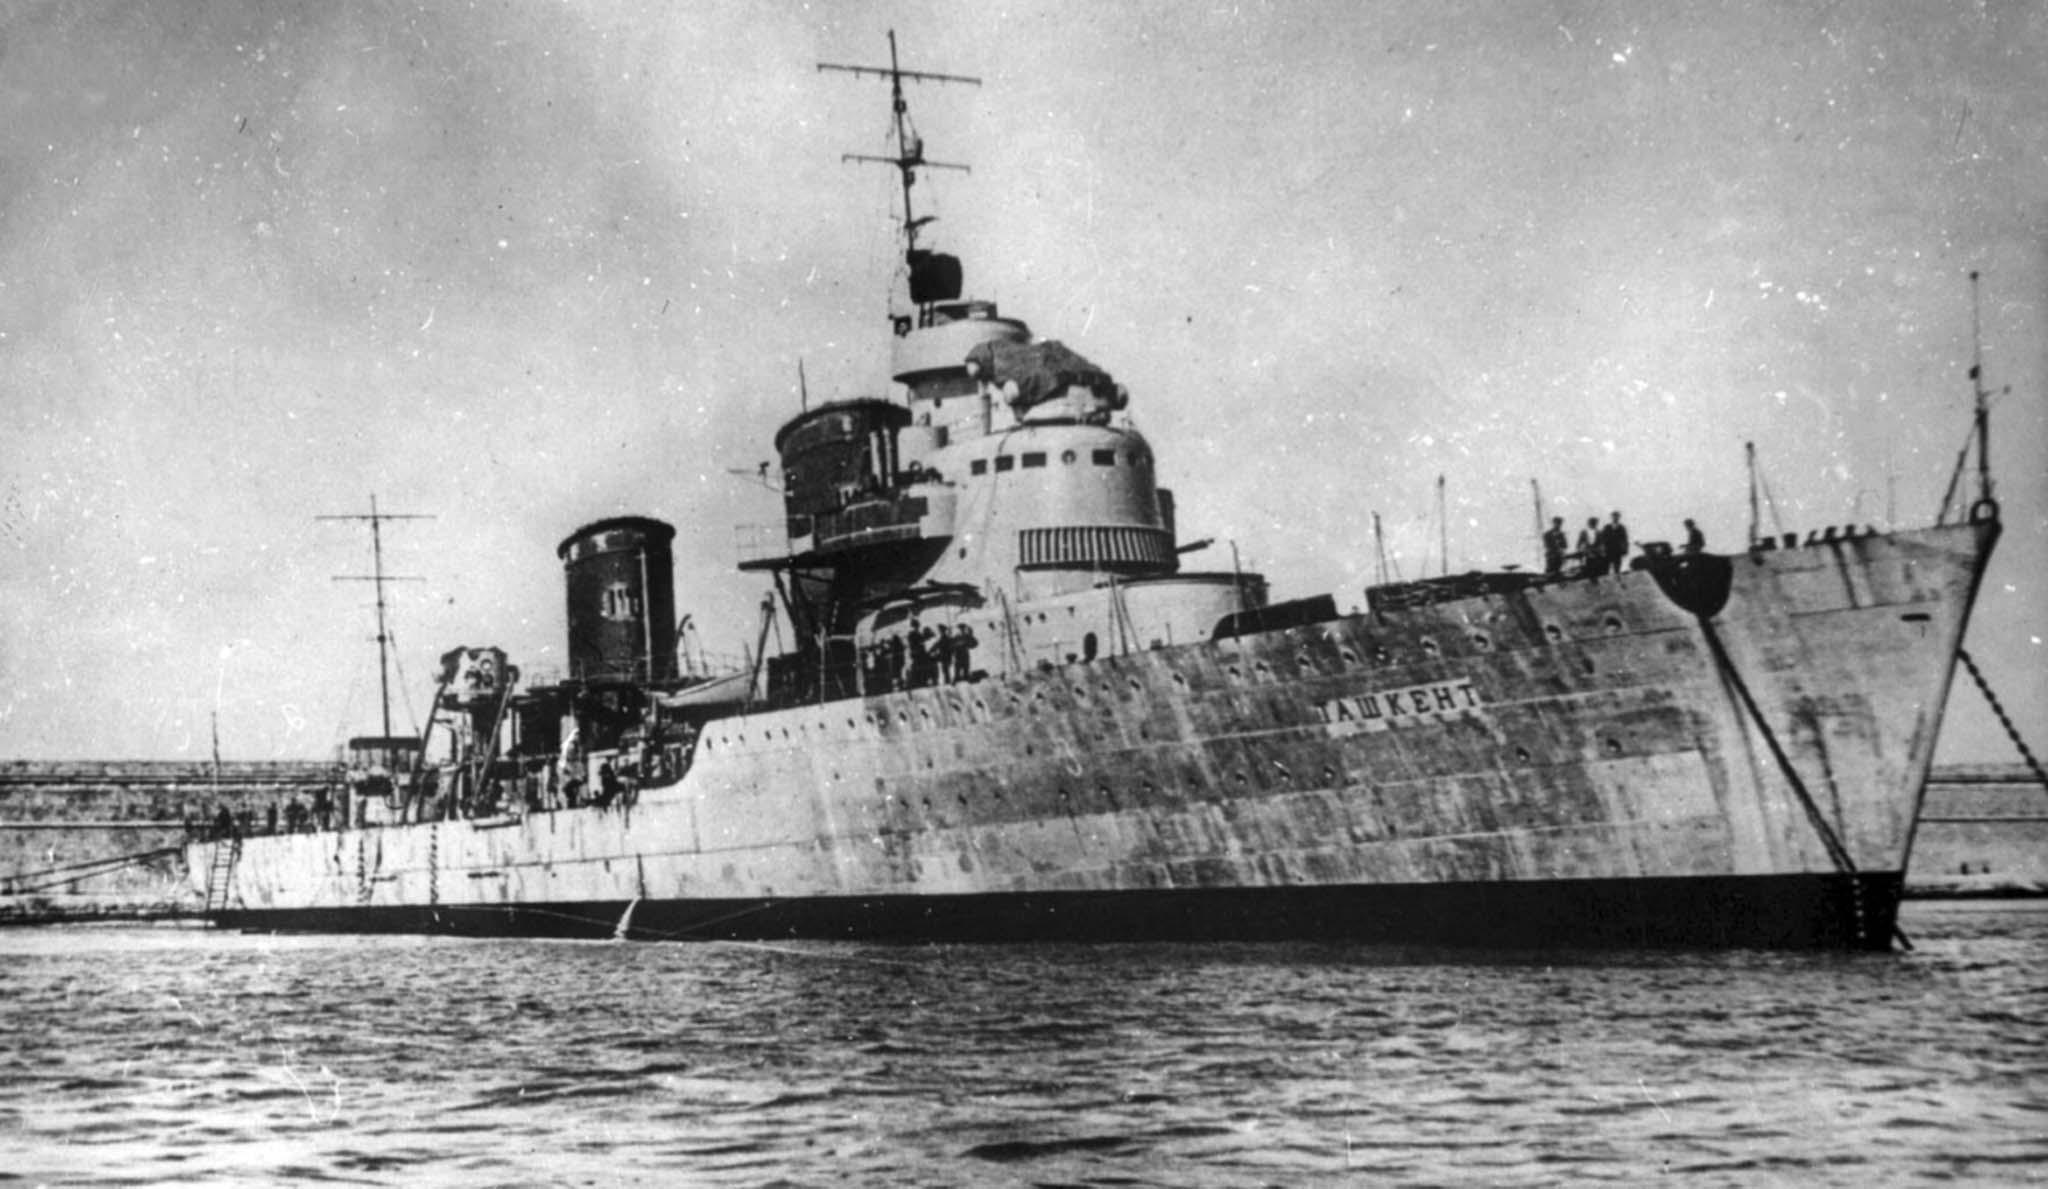 Destroyers leader Tashkent